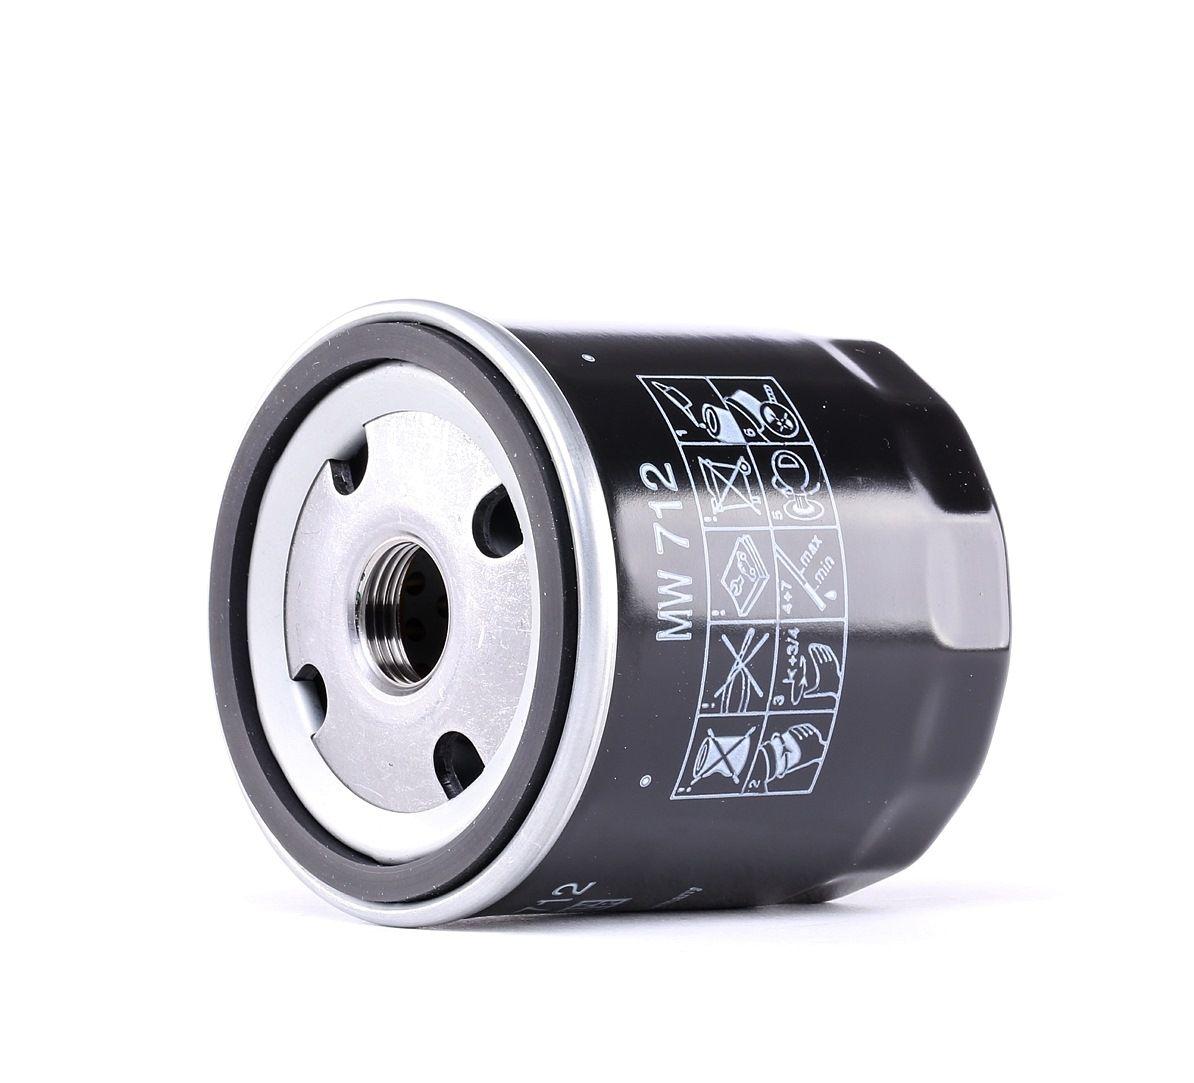 Moto MANN-FILTER Anschraubfilter Innendurchmesser 2: 62mm, Ø: 76mm, Außendurchmesser 2: 71mm, Höhe: 79mm Ölfilter MW 712 günstig kaufen